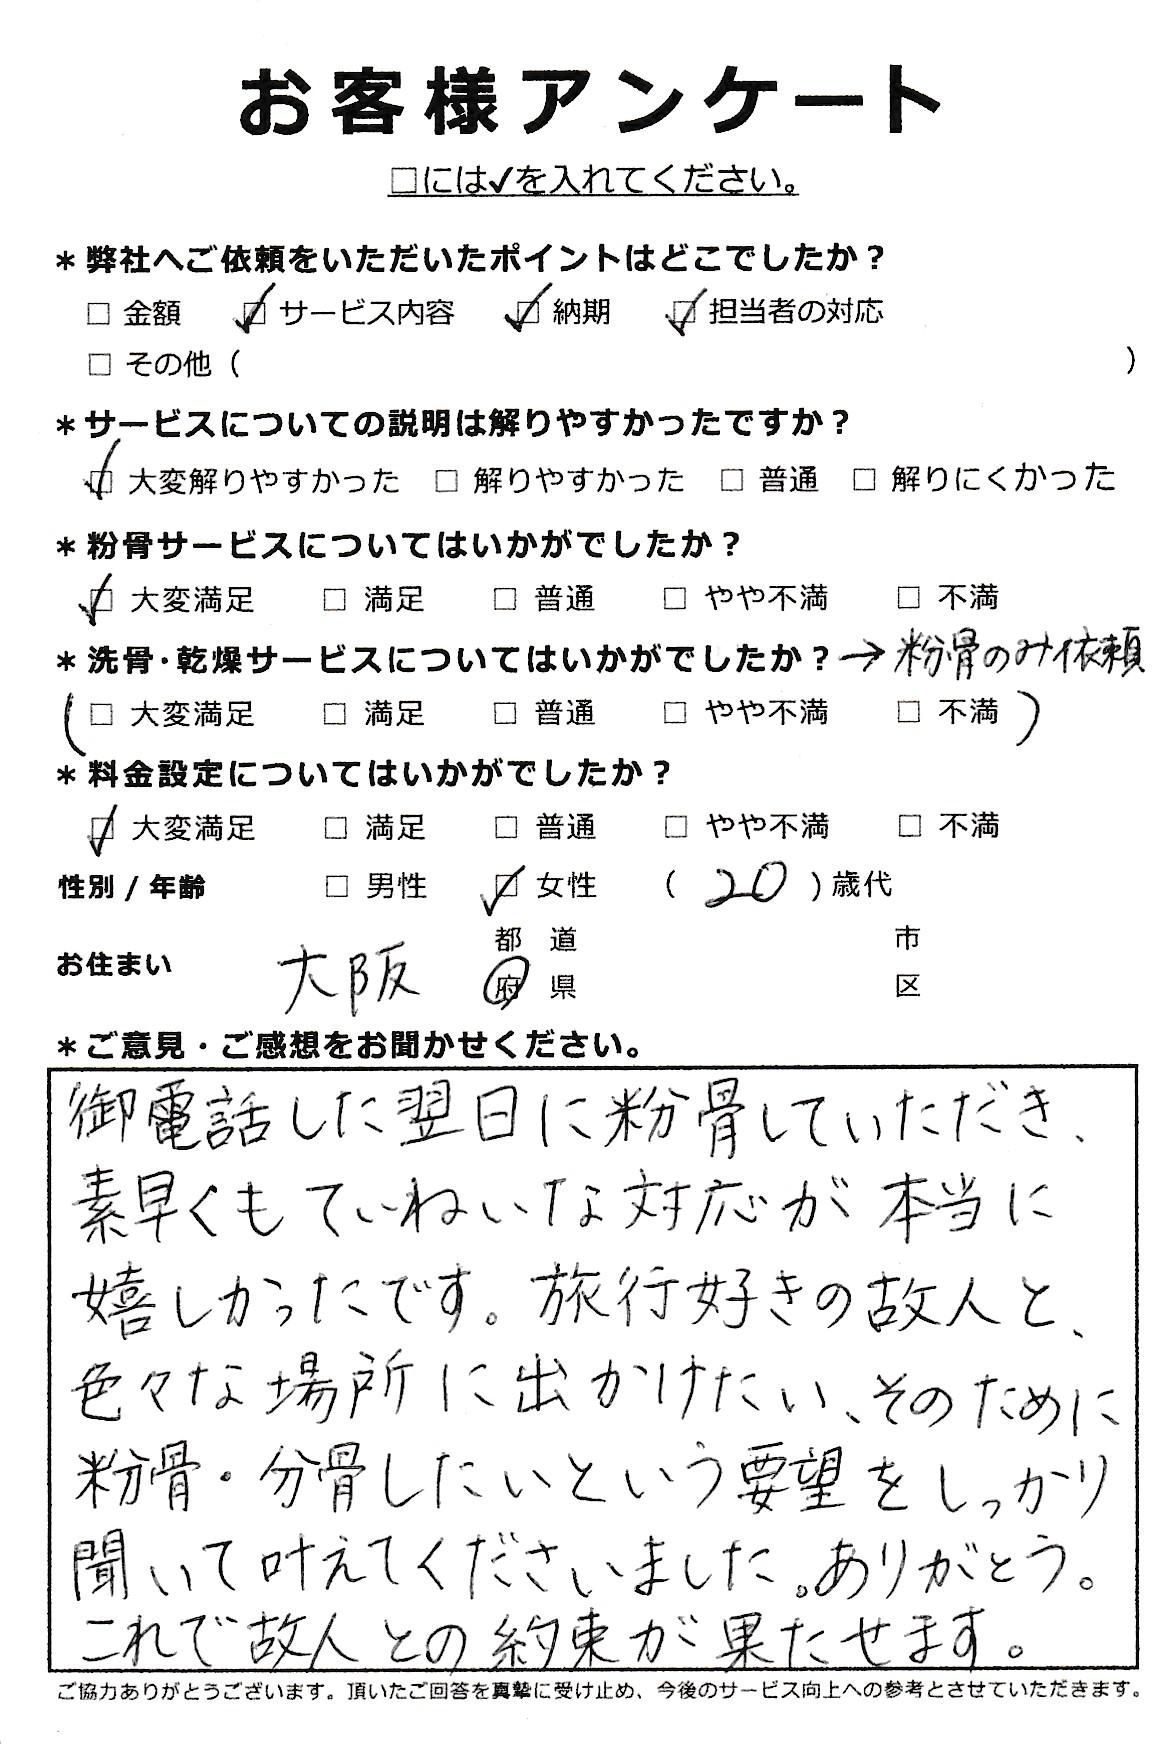 大阪府の粉骨事例